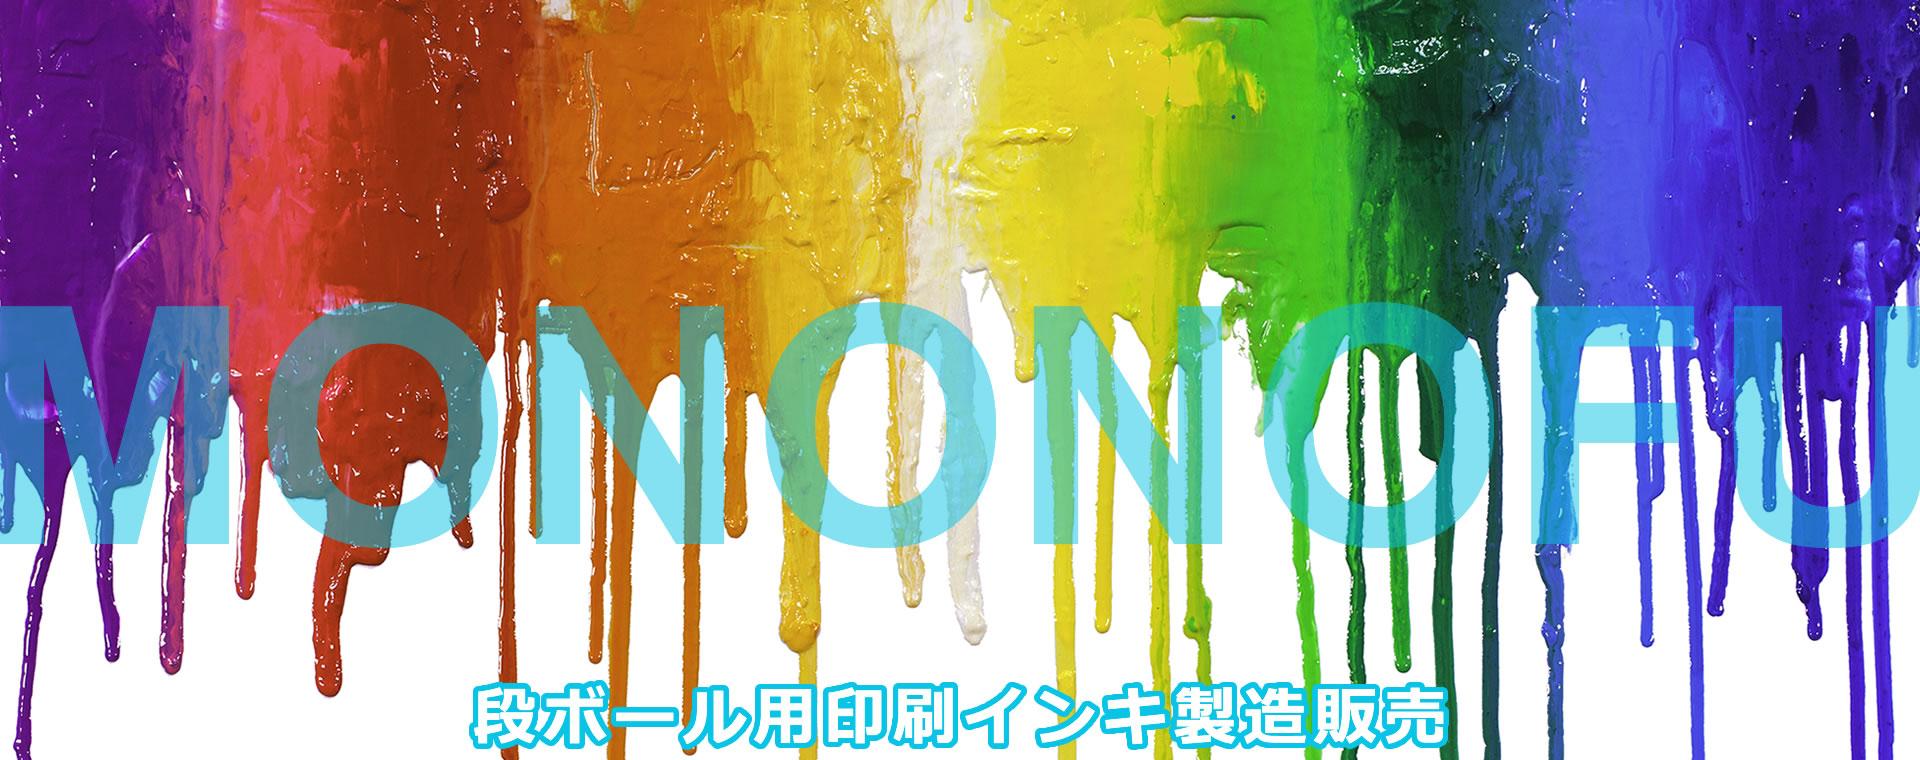 株式会社 もののふステーション・インキ事業部/埼玉県志木市/印刷用インキの製造販売/ダンボール用